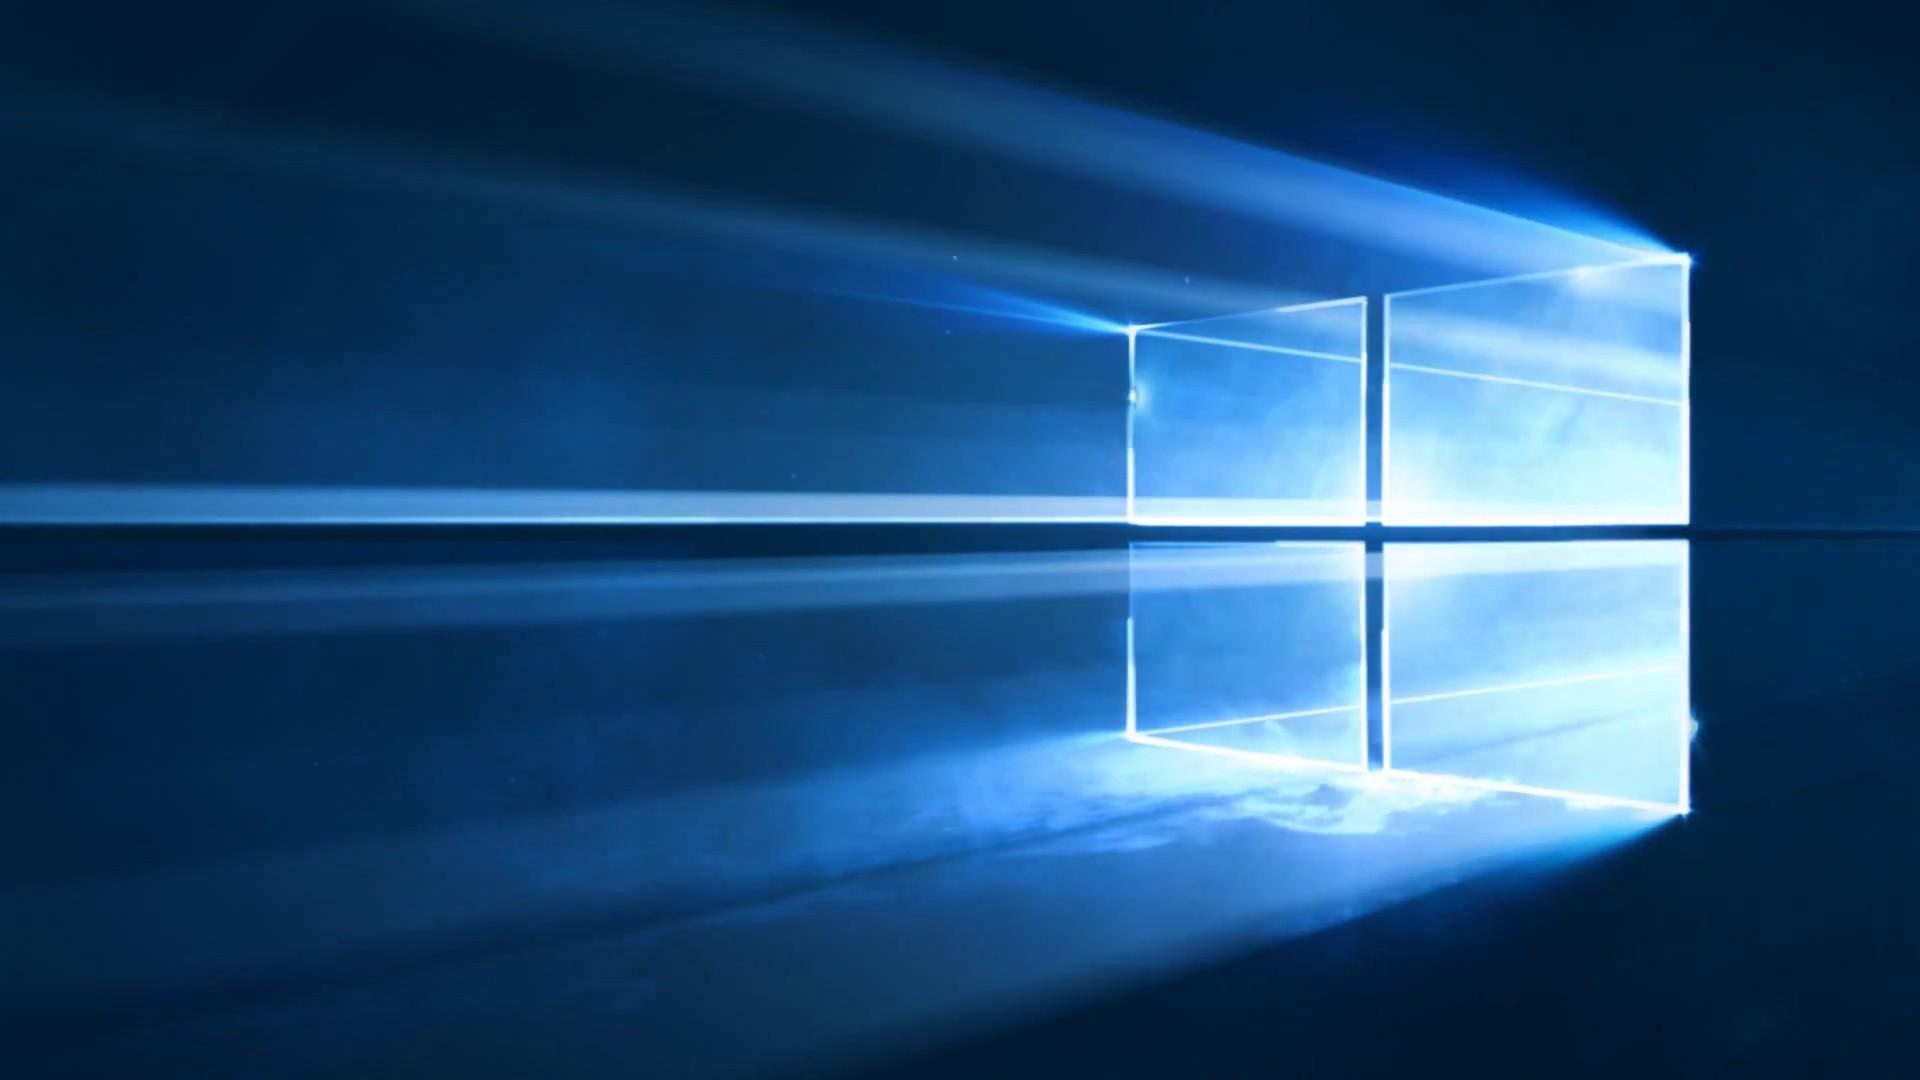 Windows Bu Diske Yüklenemez Seçilen Diskte MBR Bölüm Tablosu Var Hatası